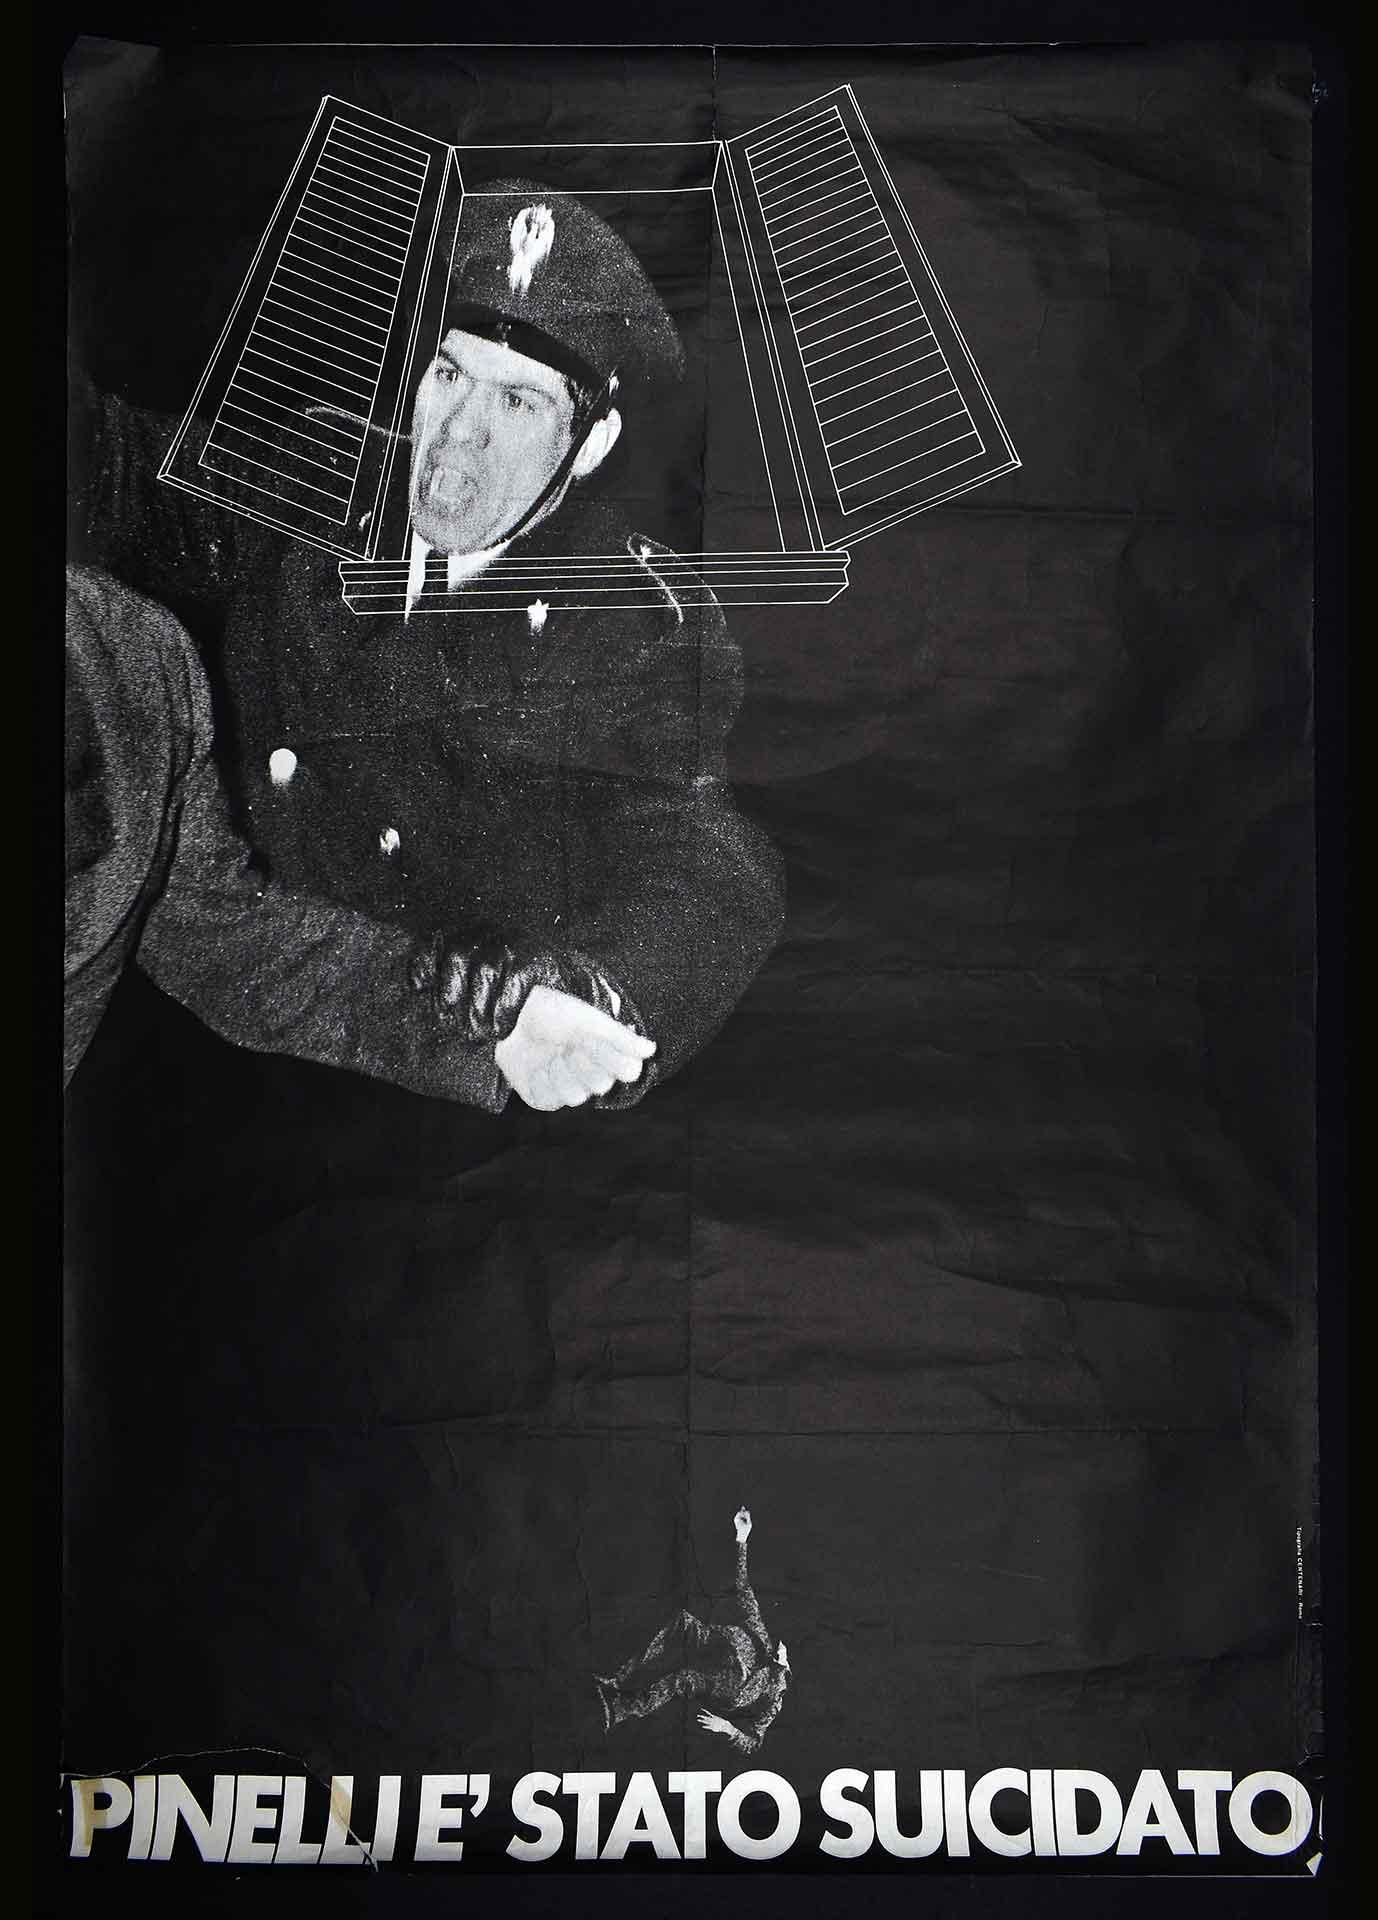 Campagna di denuncia sul caso Pinelli. Stampa Tipografia Centenari, Roma. Il 16 dicembre 1969 l'anarchico Giuseppe Pinelli, ingiustamente imputato di essere l'autore della strage di Piazza Fontana, muore cadendo da una finestra della Questura di Milano. I movimenti accusano la polizia di averlo ucciso. Stagione dei movimenti: caso Pinelli.